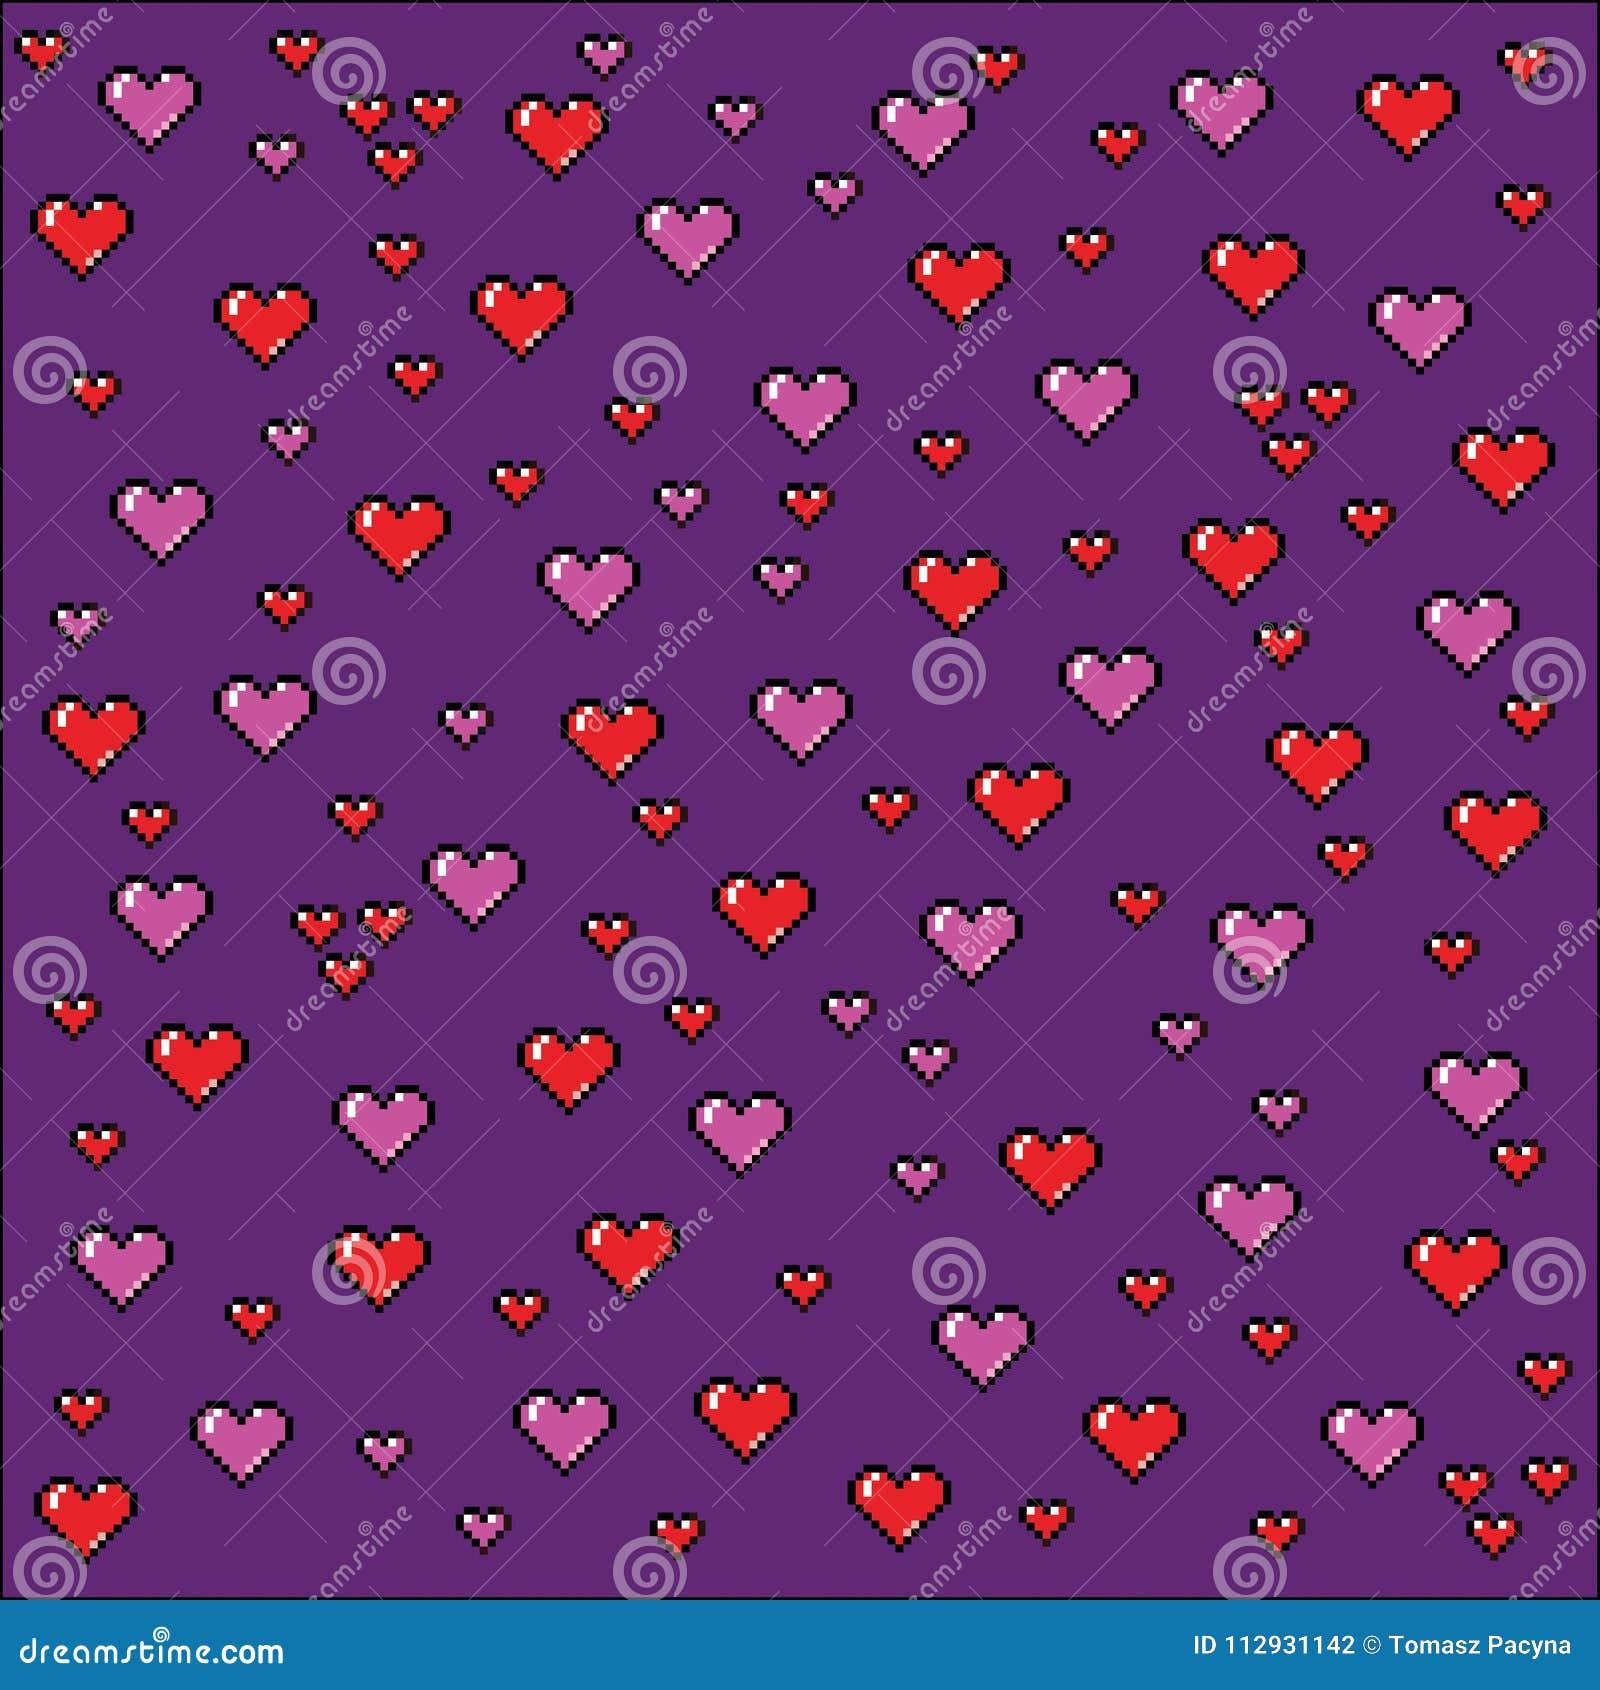 Coeurs fond, illustration d art de pixel de style de jeu vidéo